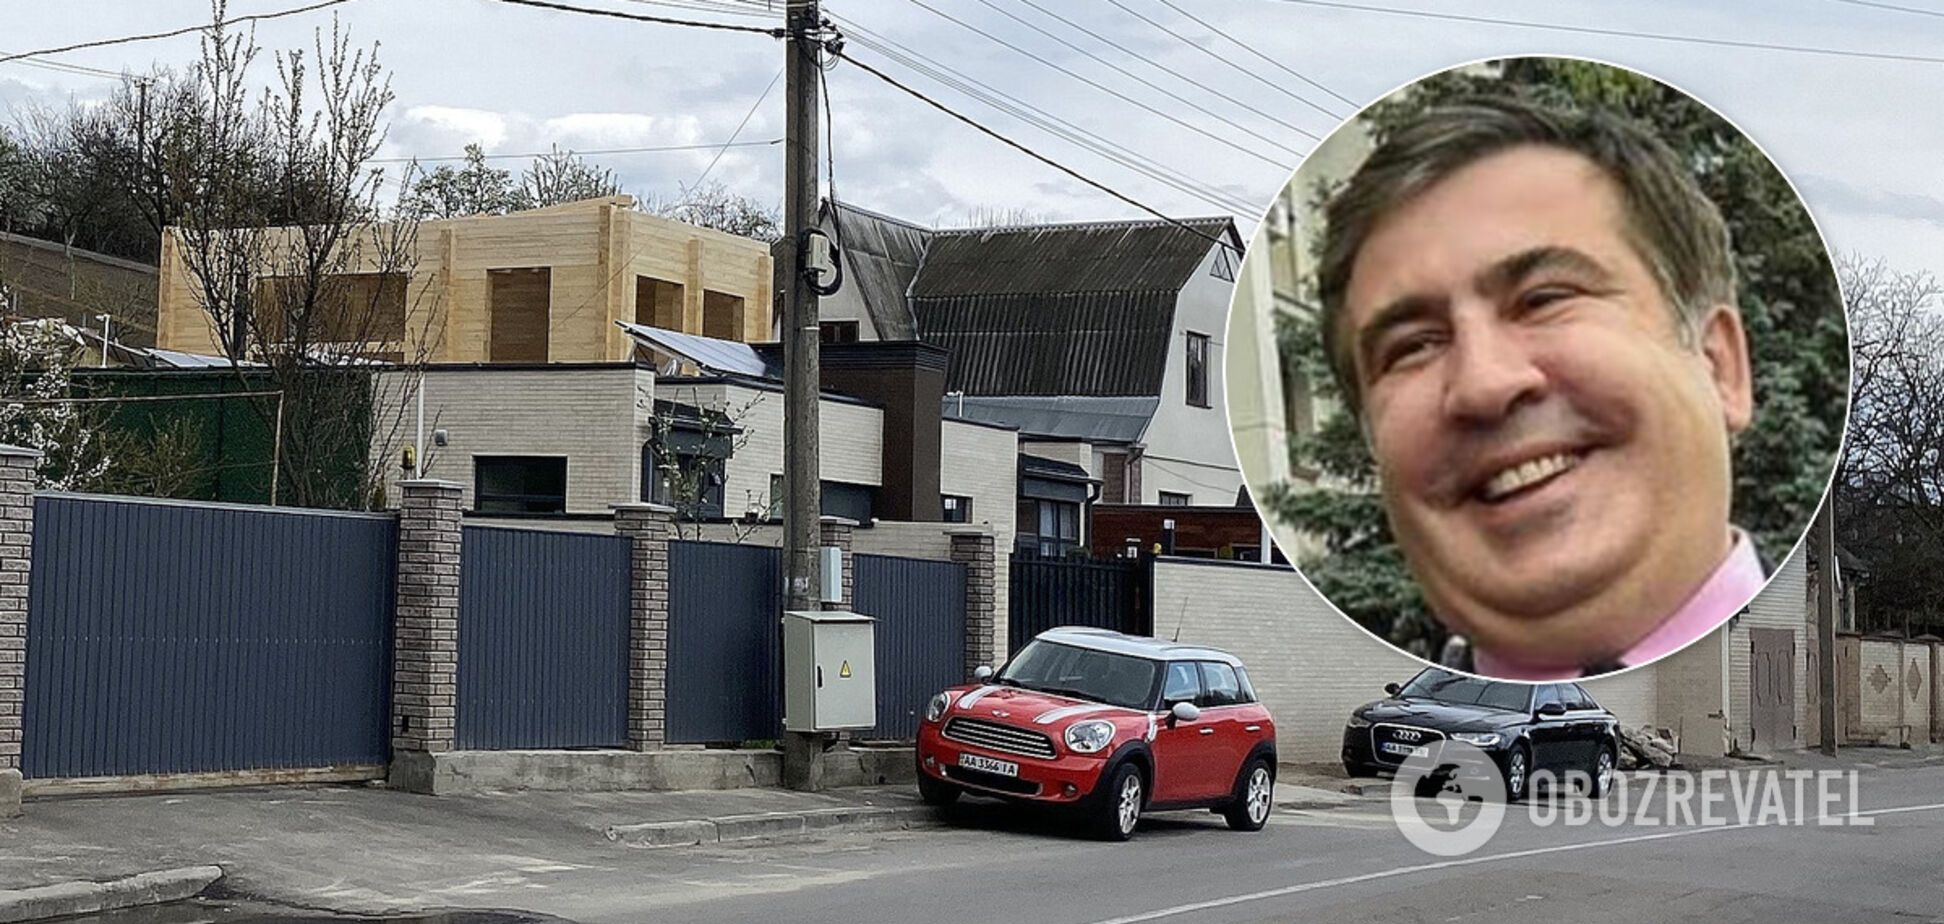 Саакашвілі почав будувати другий маєток під Києвом. Фото та відео